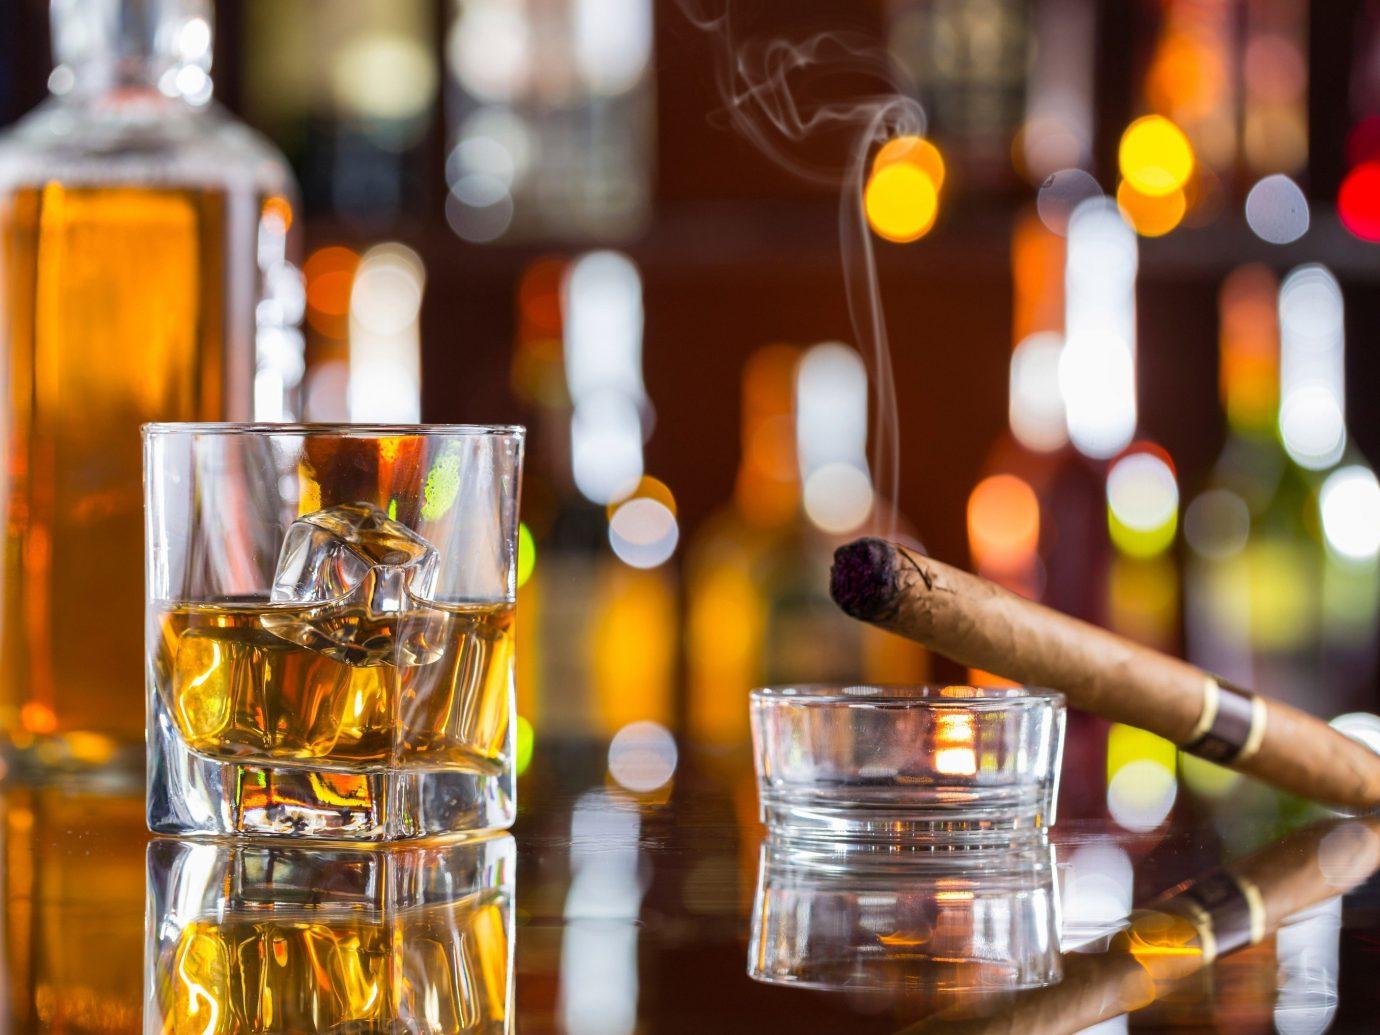 Jetsetter Guides distilled beverage alcoholic beverage Drink alcohol liqueur whisky